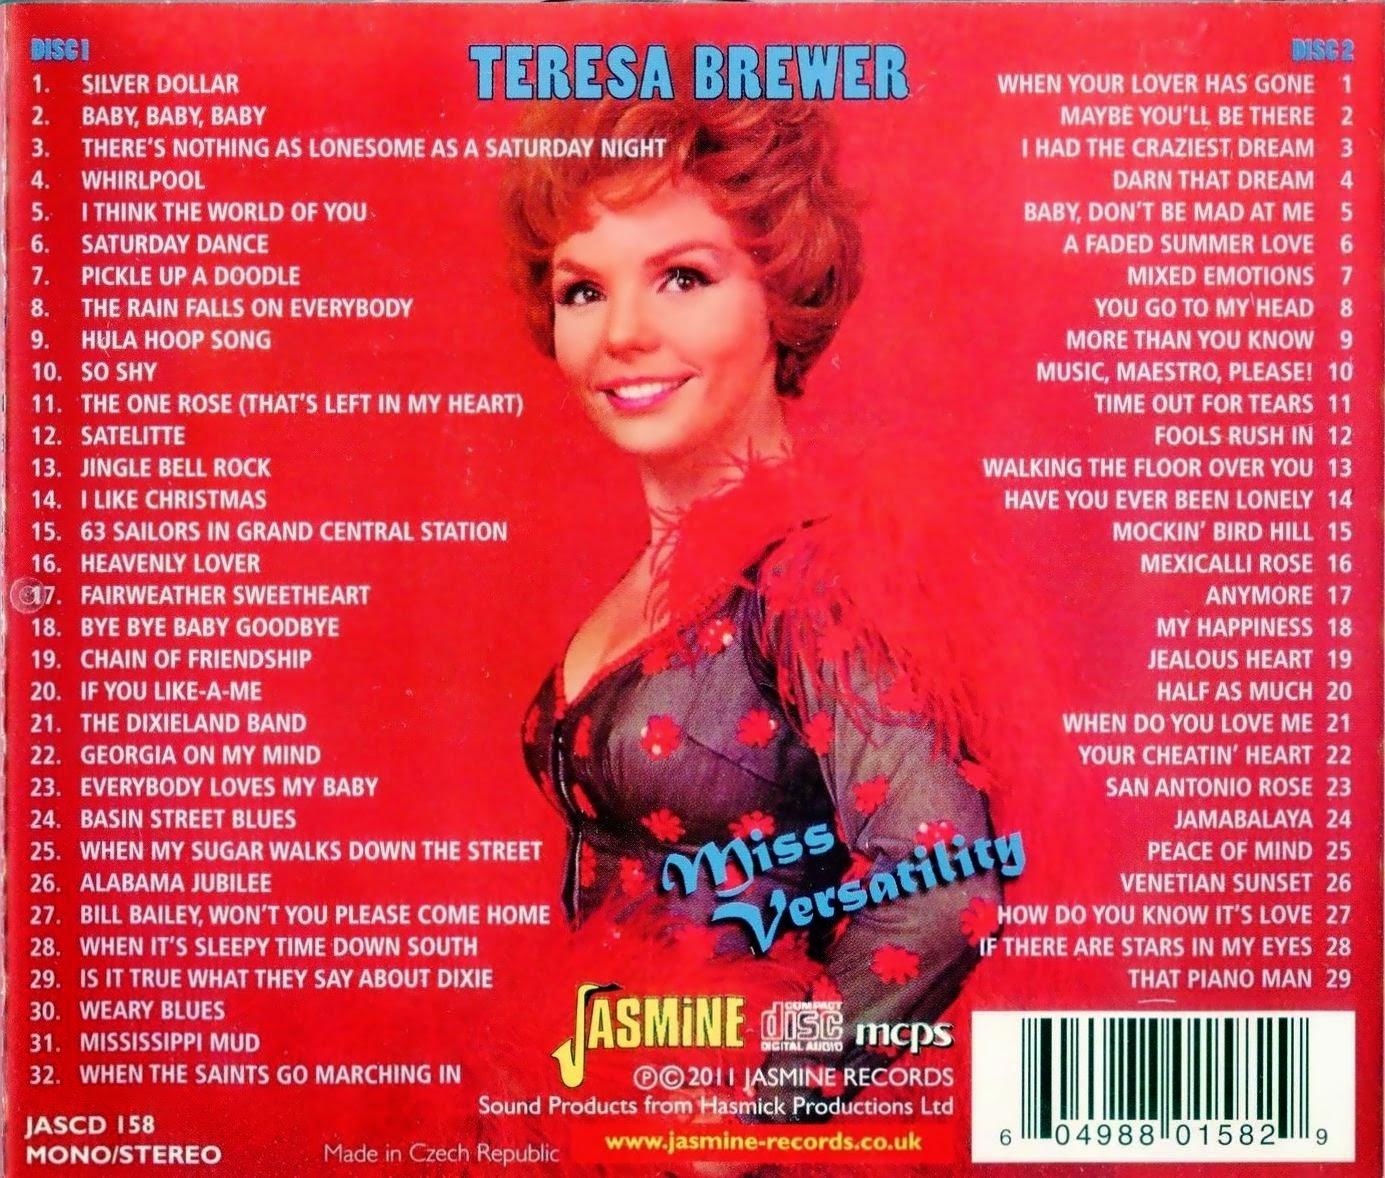 Teresa Brewer - Teresa Brewer